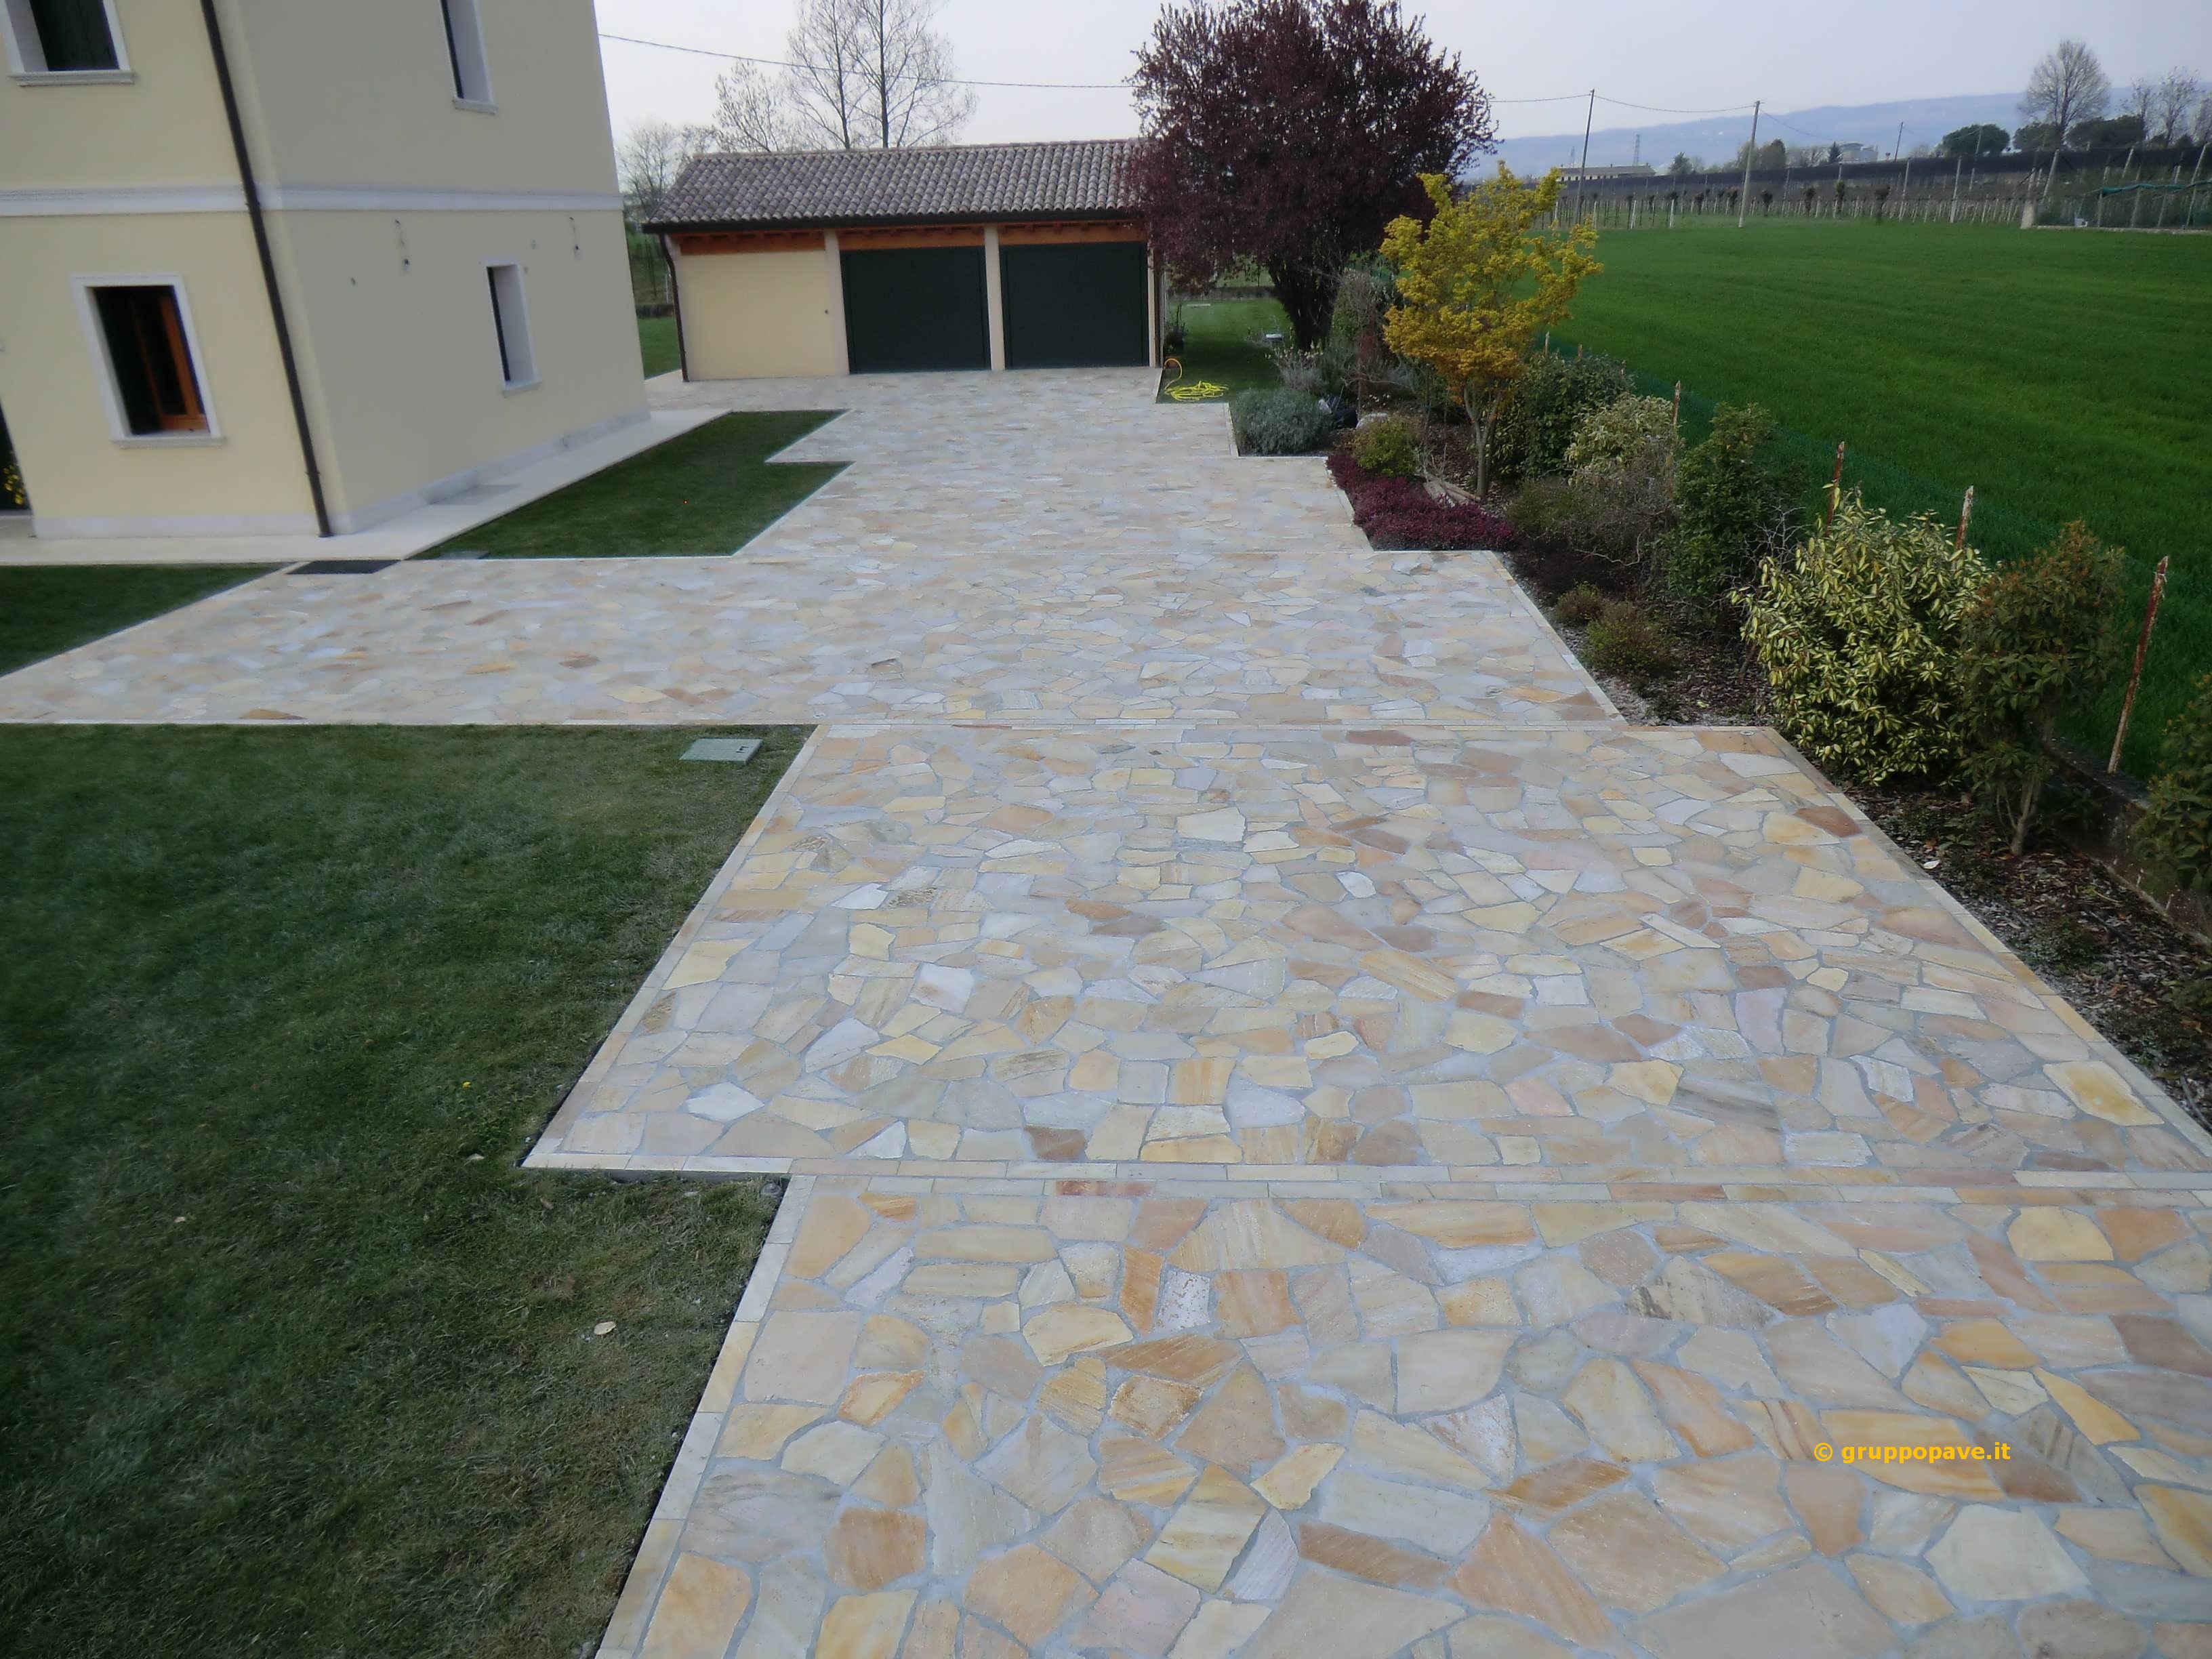 Fornitura e posa pave pavimentazioni - Pavimentazione giardino autobloccanti ...